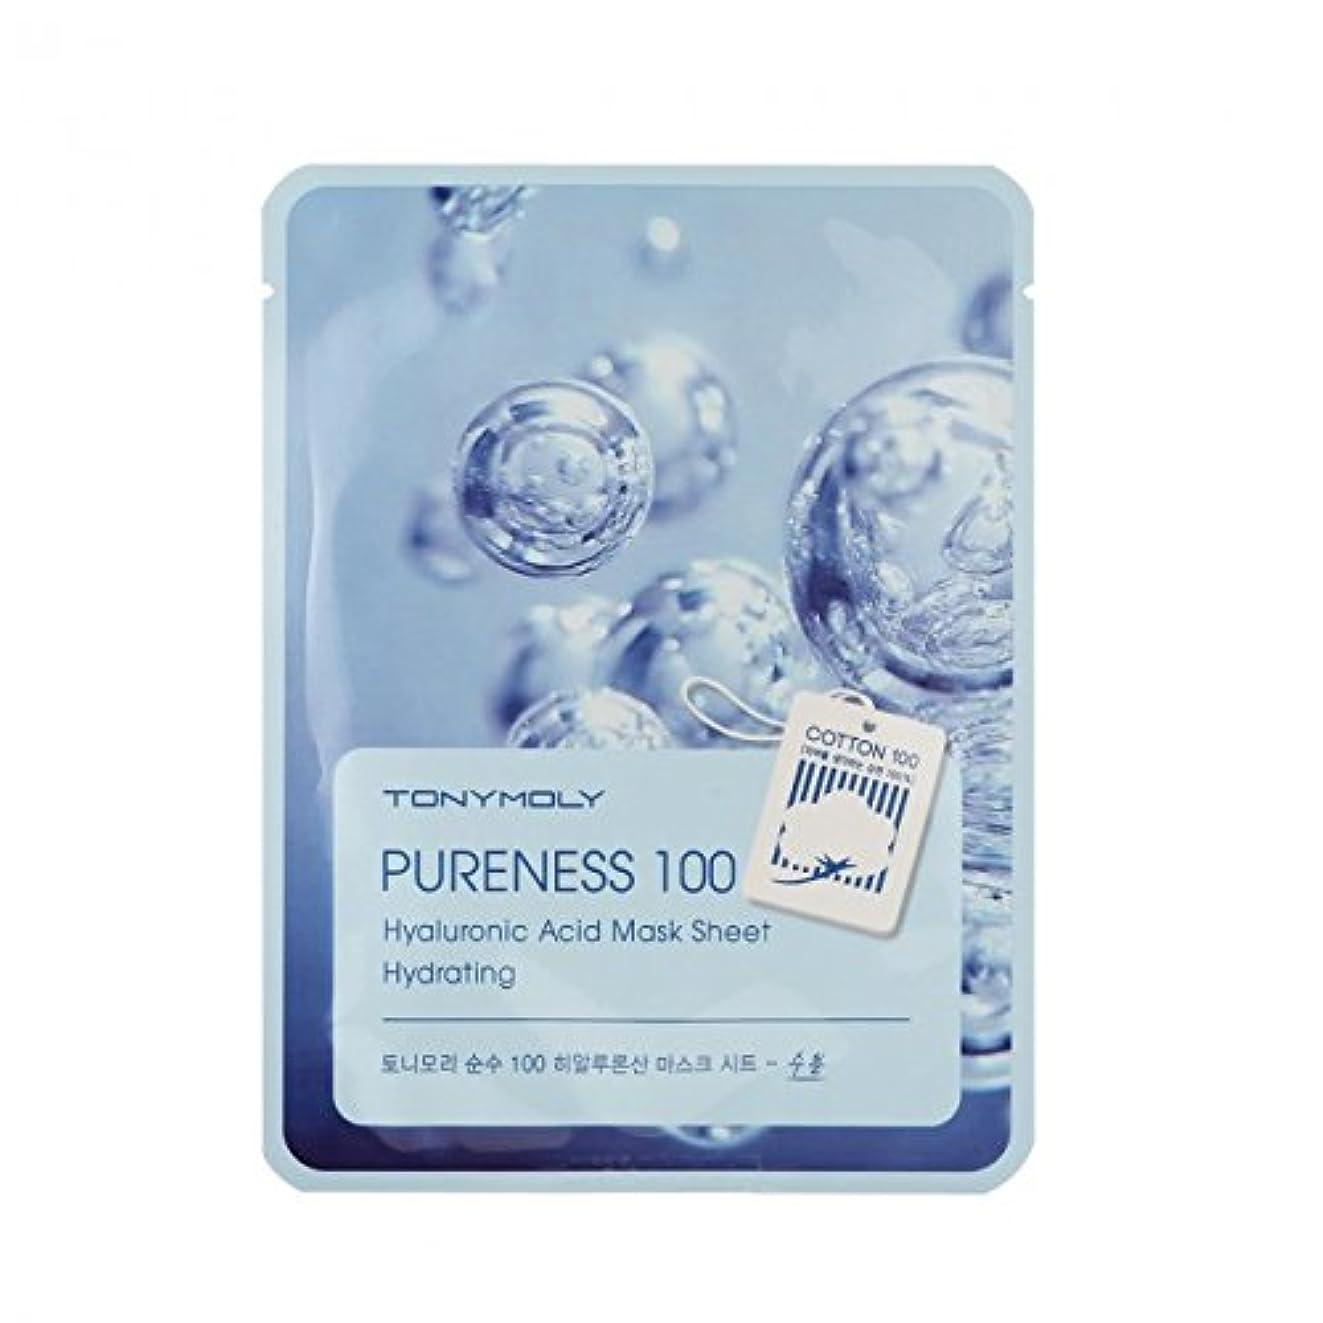 文明化パス友情(3 Pack) TONYMOLY Pureness 100 Hyaluronic Acid Mask Sheet Hydrating (並行輸入品)